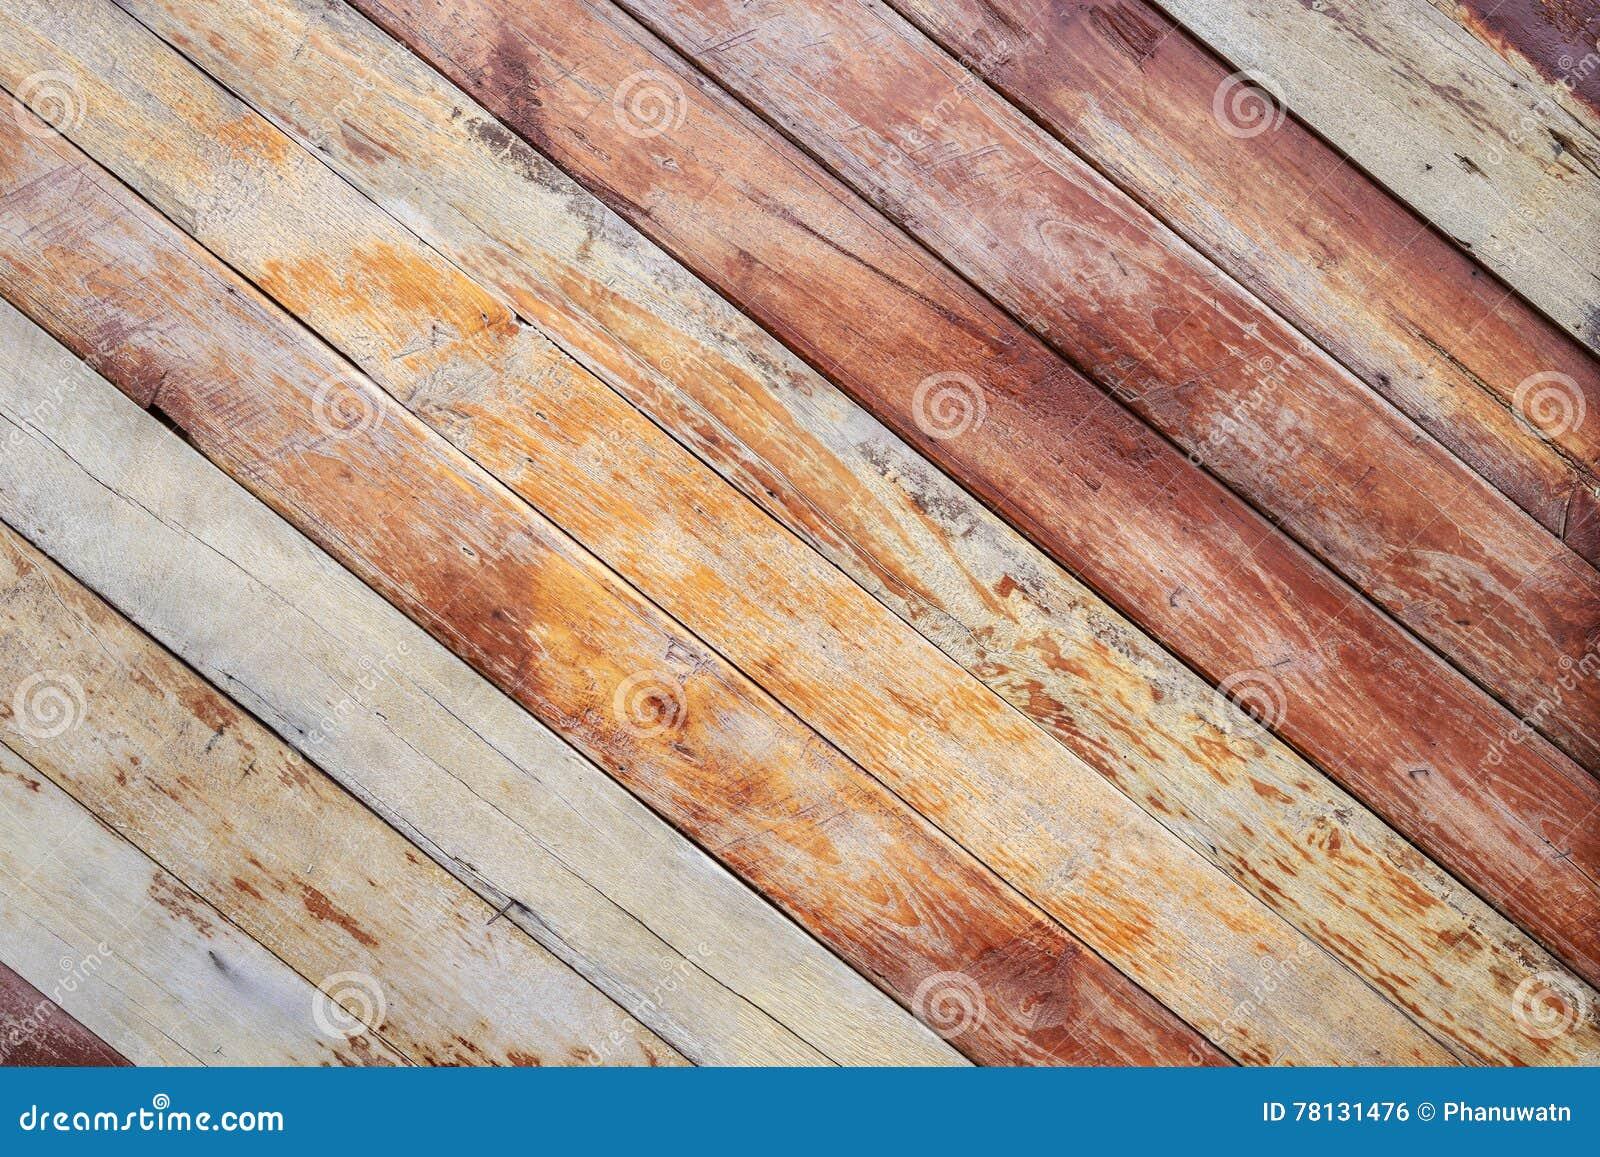 Holzerner Aussendecking Oder Bodenbelag Auf Der Terrasse Stockfoto